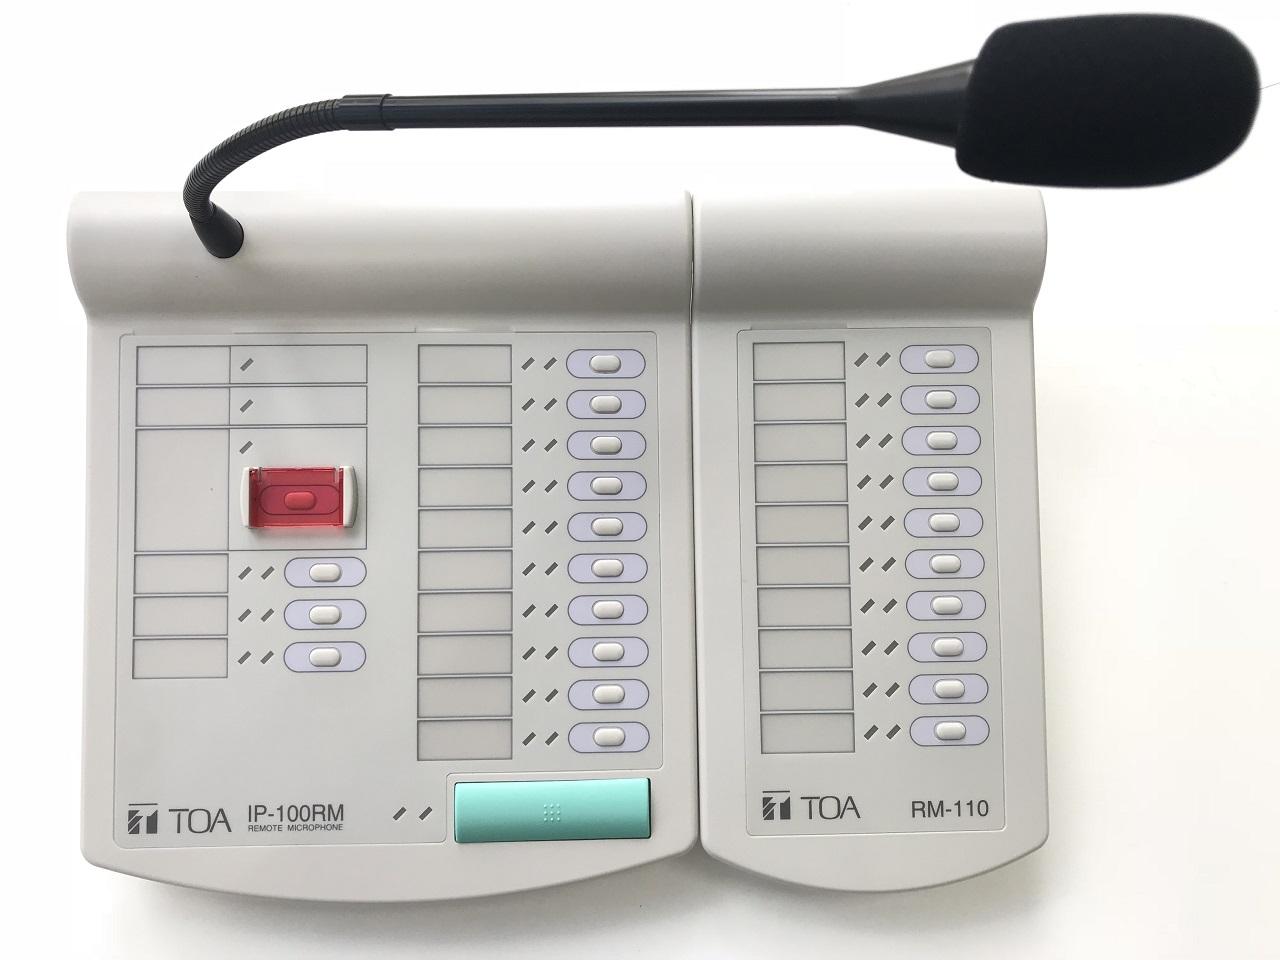 Bàn phím mở rộng: TOA RM-110